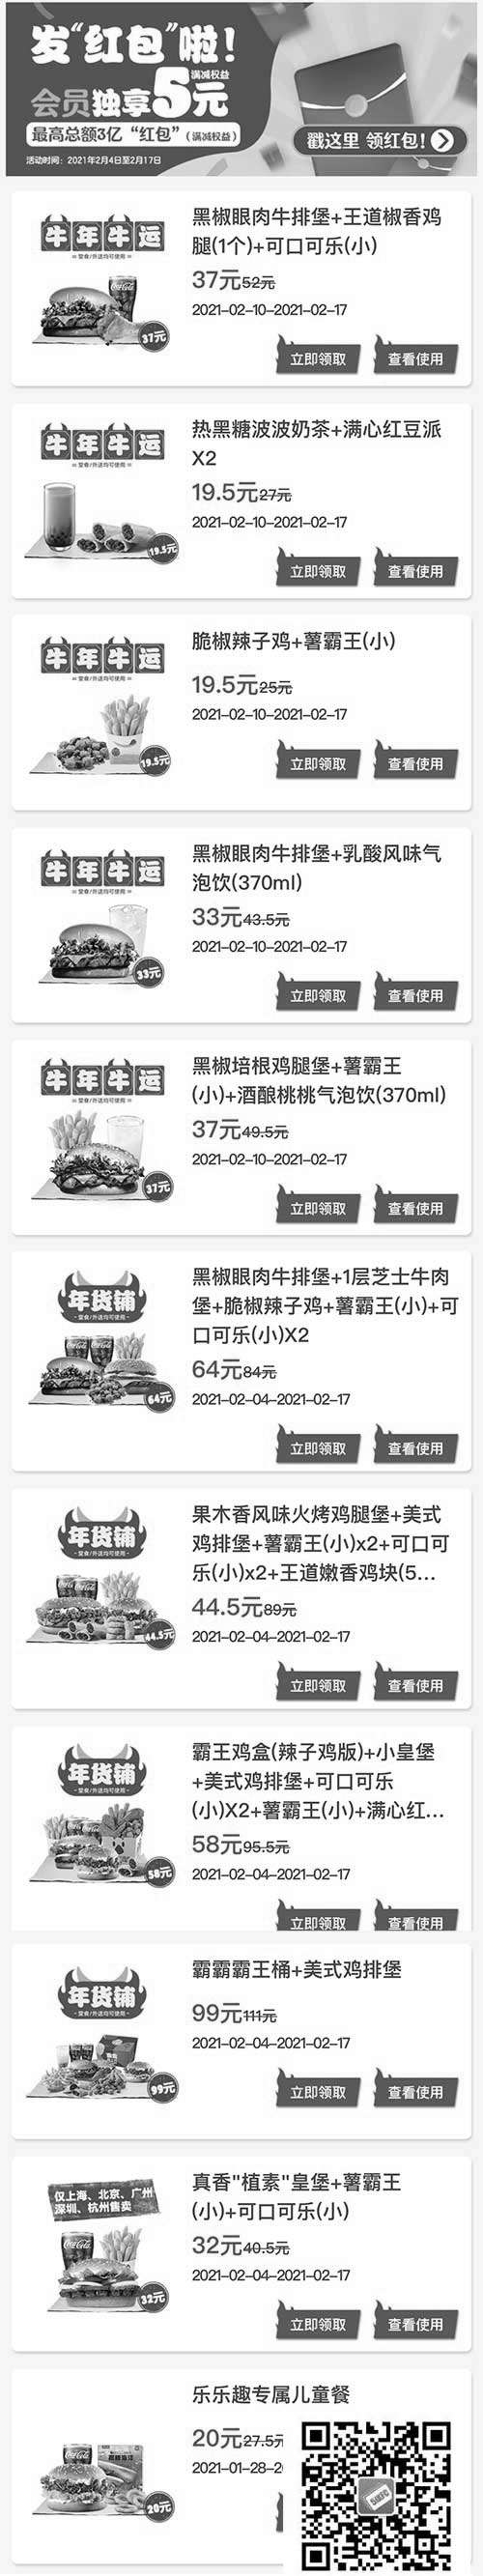 黑白优惠券图片:汉堡王优惠券2021年2月版本,牛年牛运优惠券含多种套餐优惠价 - www.5ikfc.com